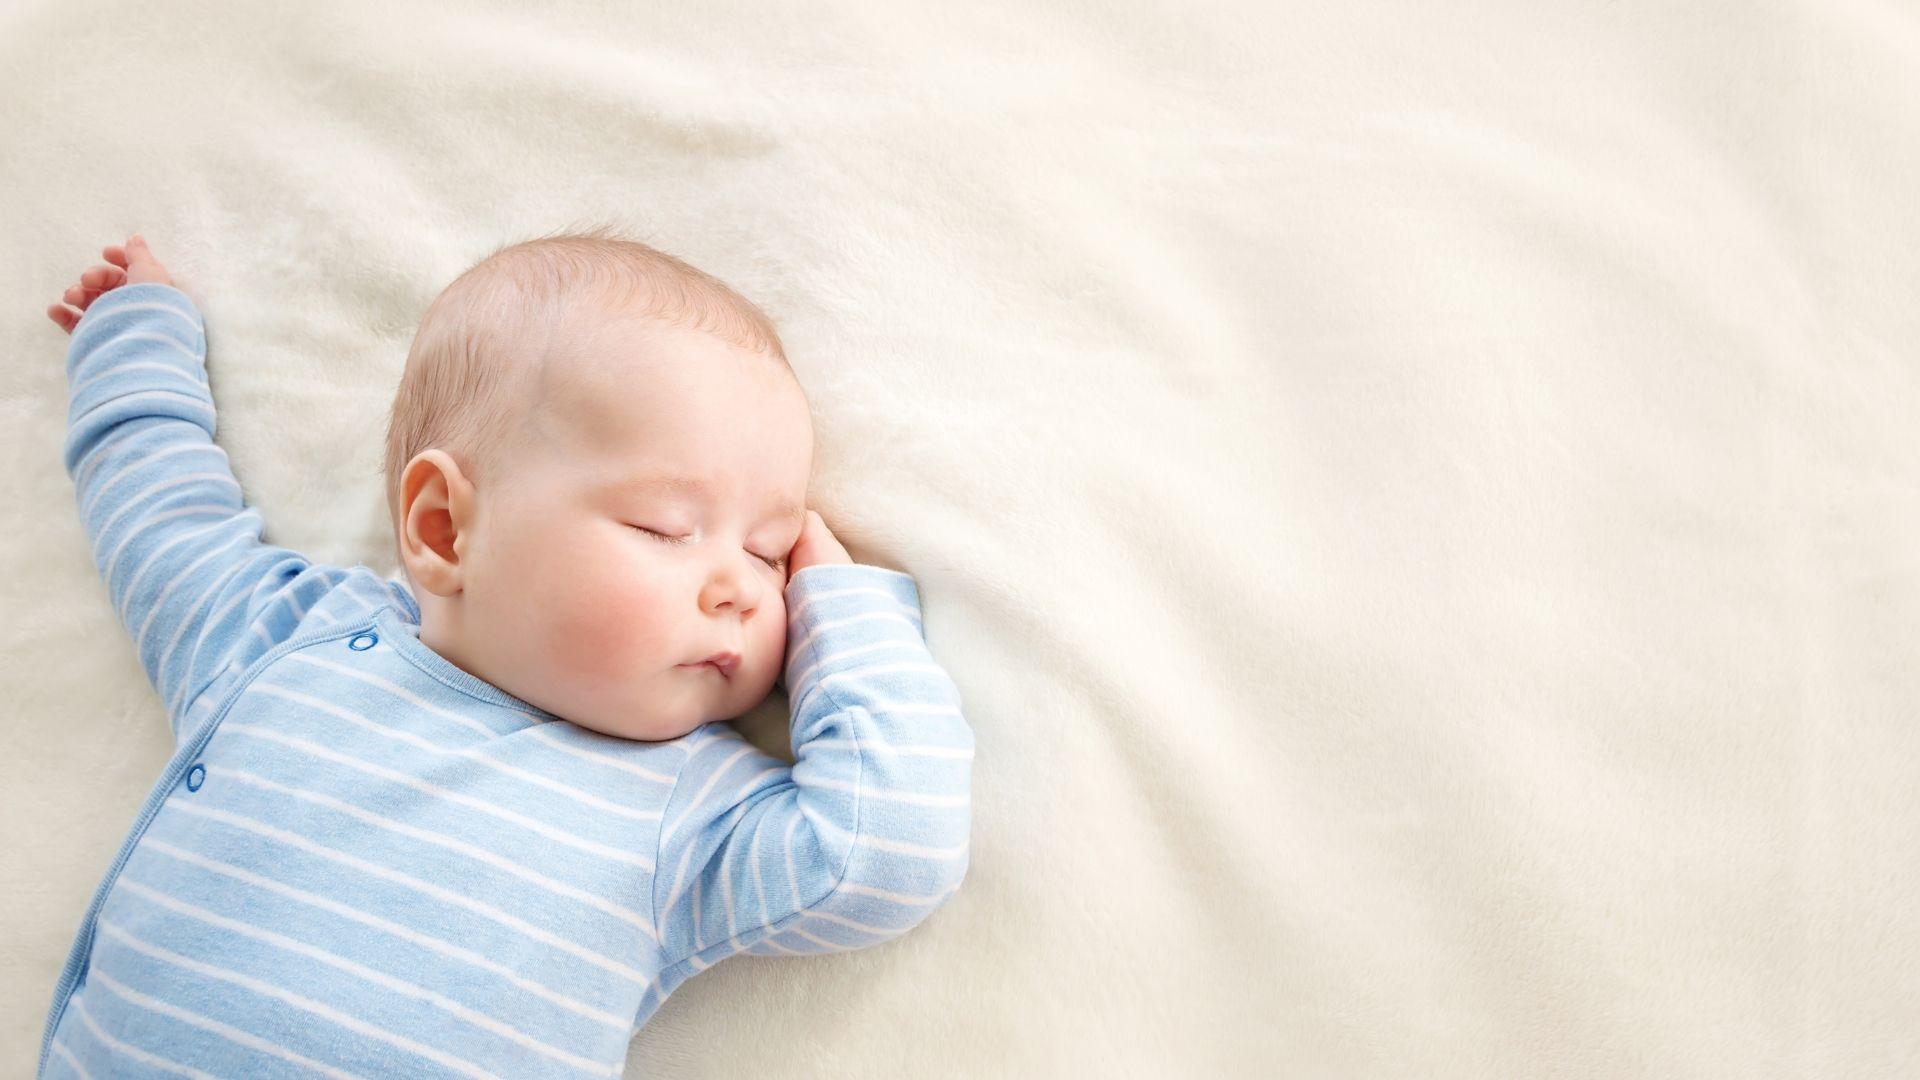 영아돌연사증후군(SIDS): 원인과 예방